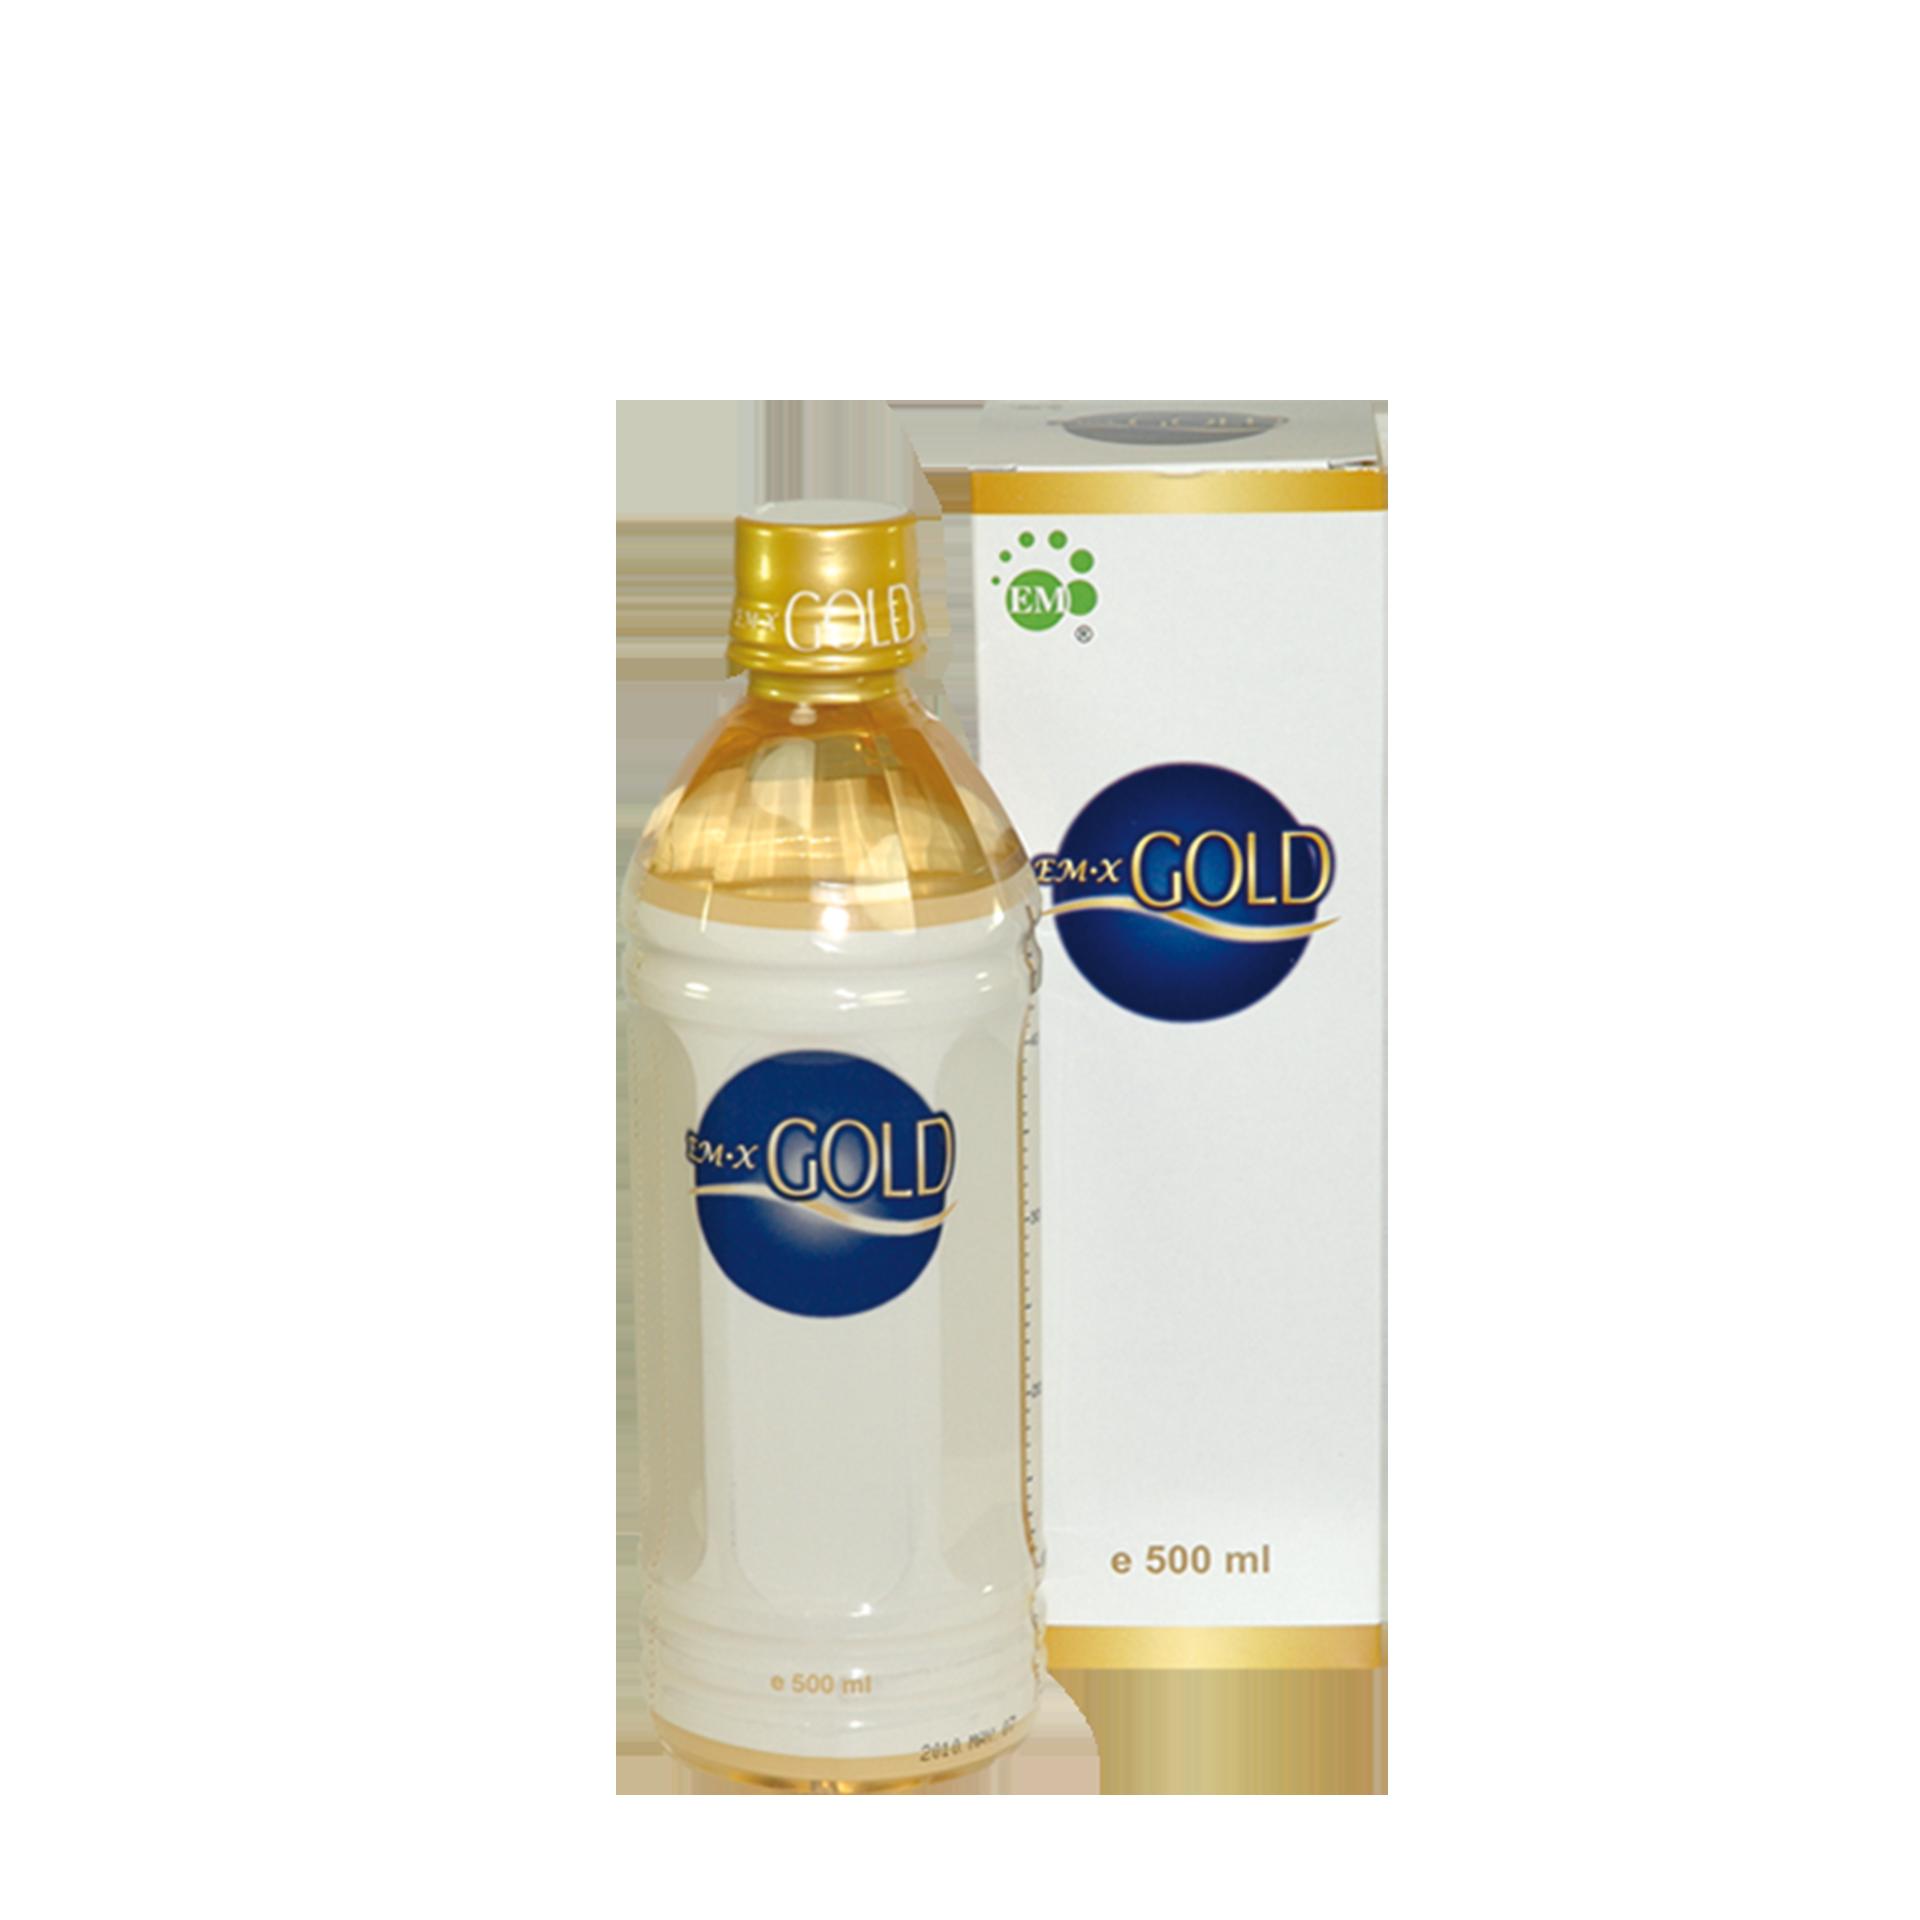 EM-X Gold, 500 ml